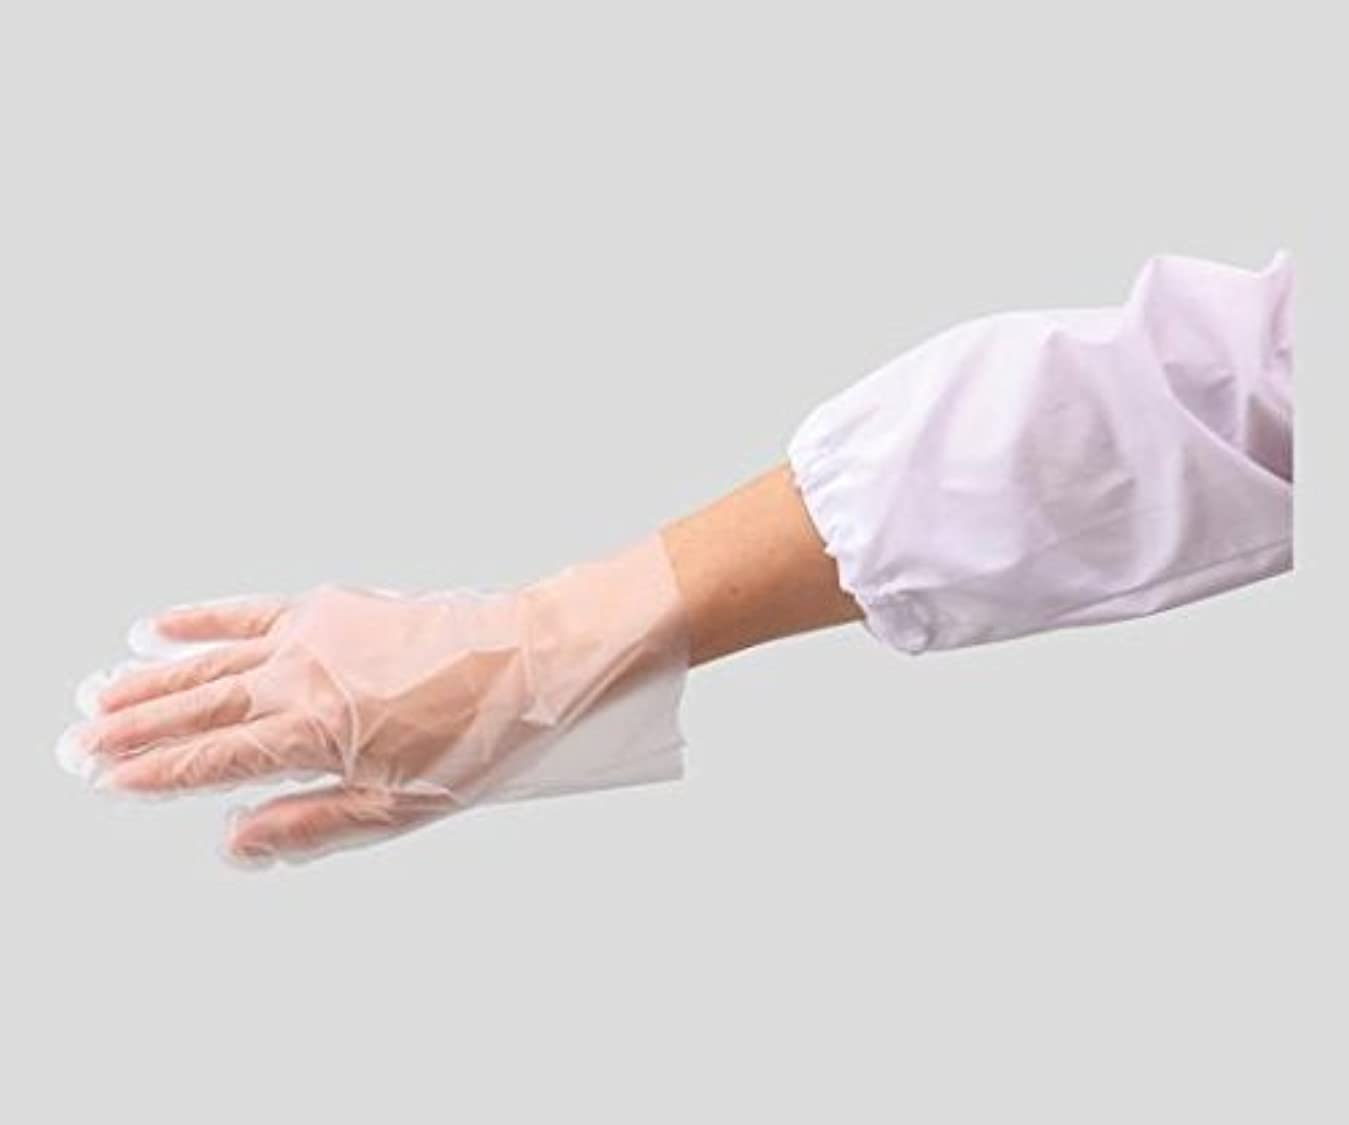 外科医おじいちゃん浅い2-817-02ウレタン手袋レギュラーM50枚入